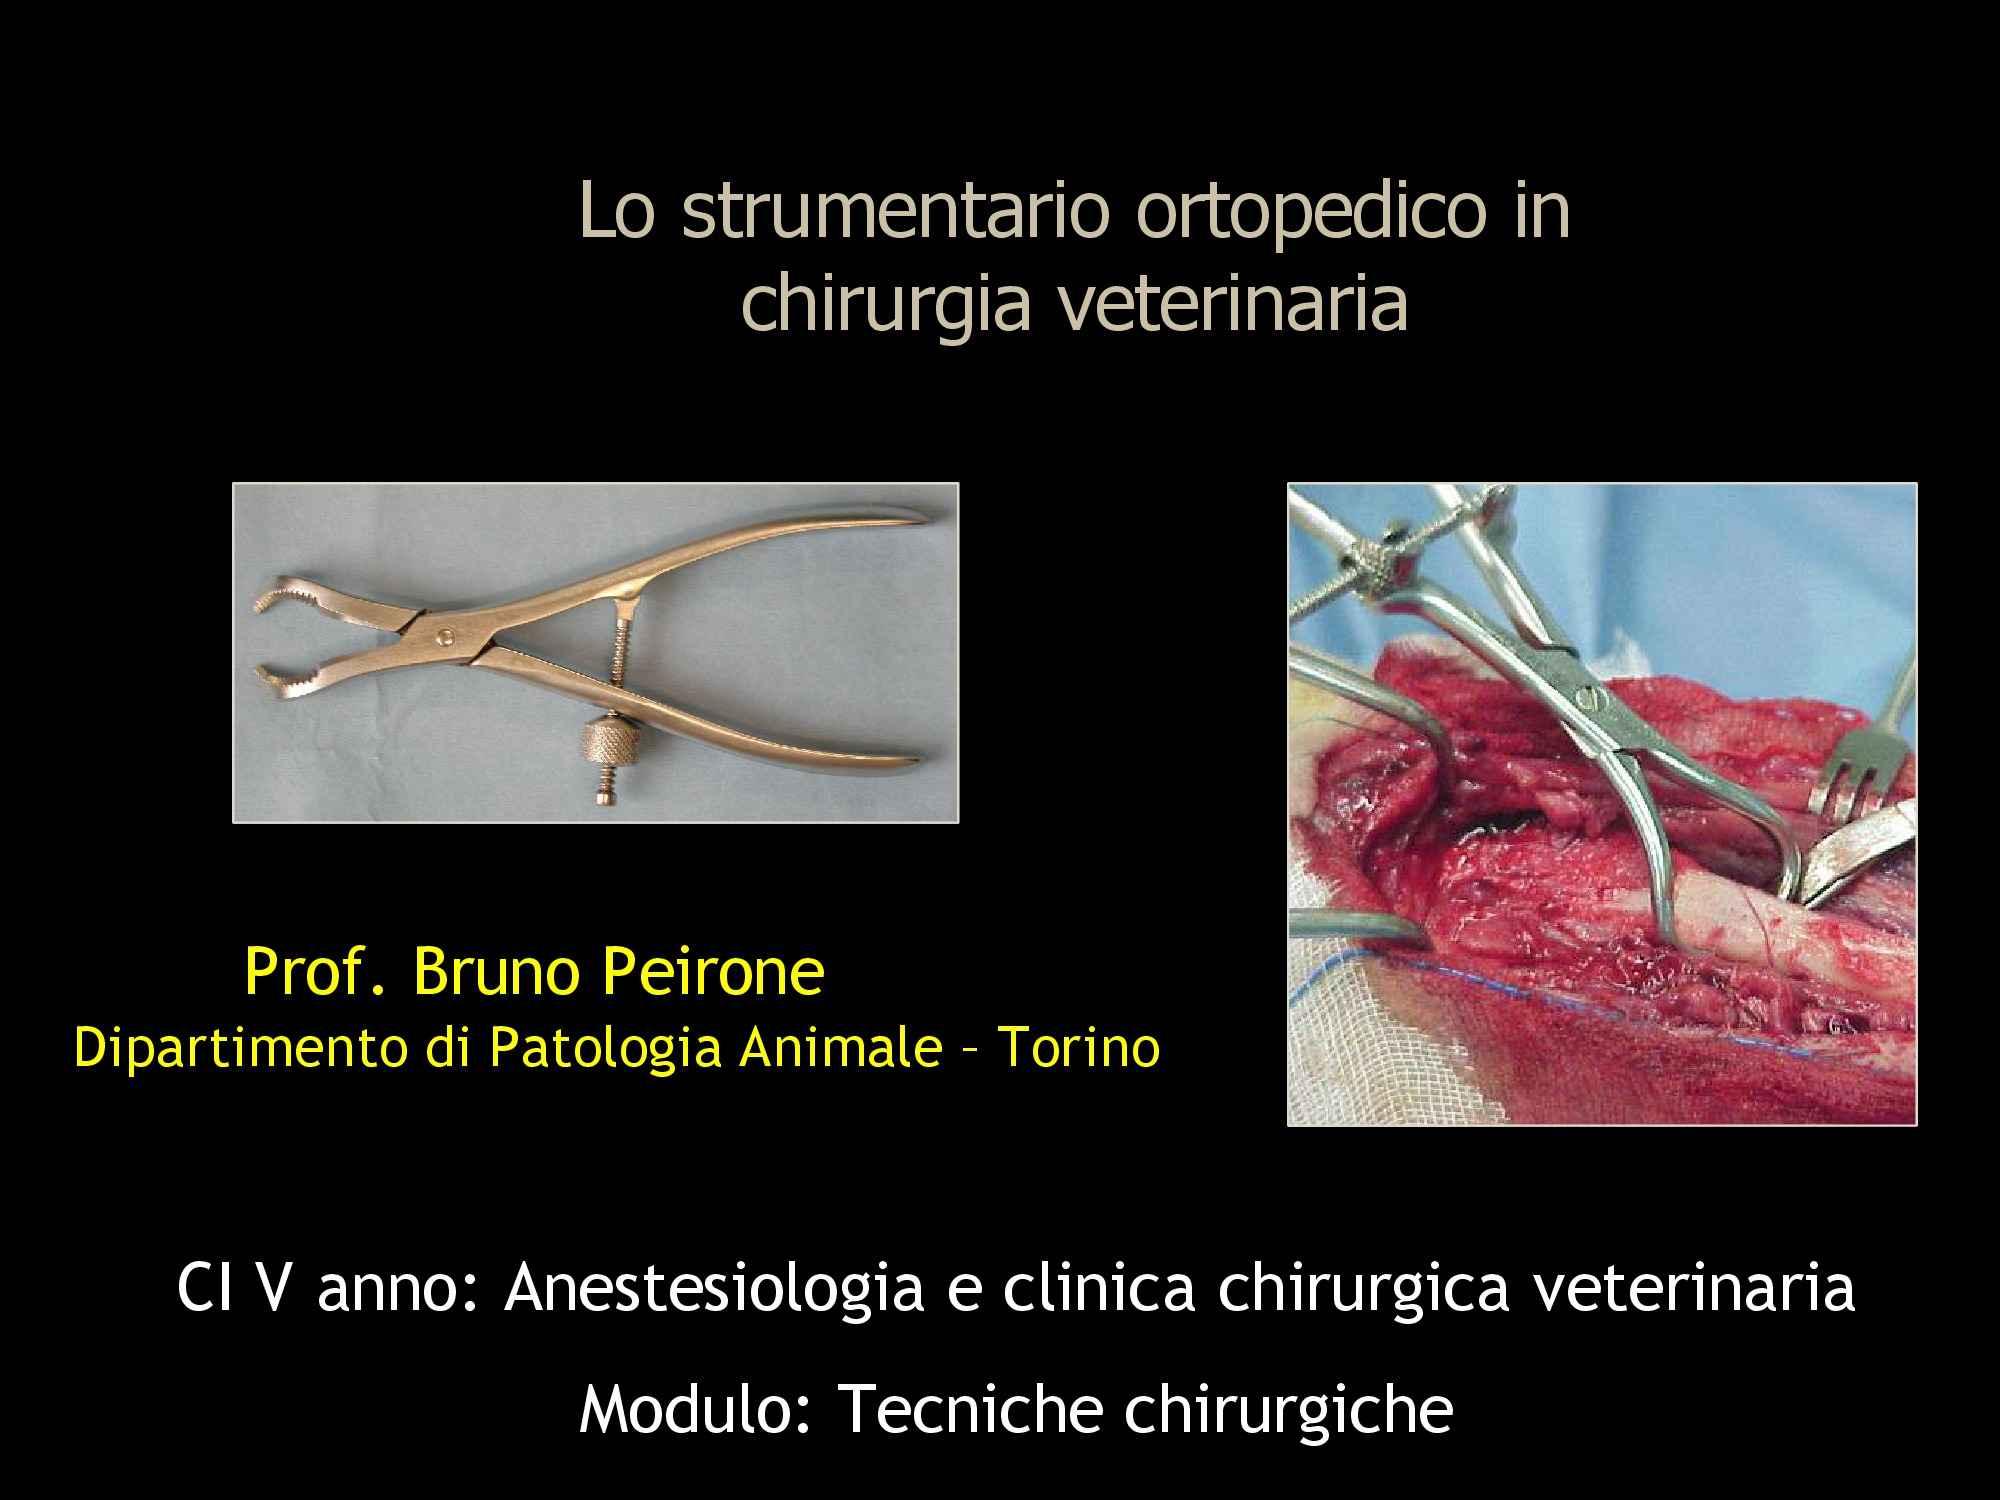 Strumentario ortopedico chirurgico